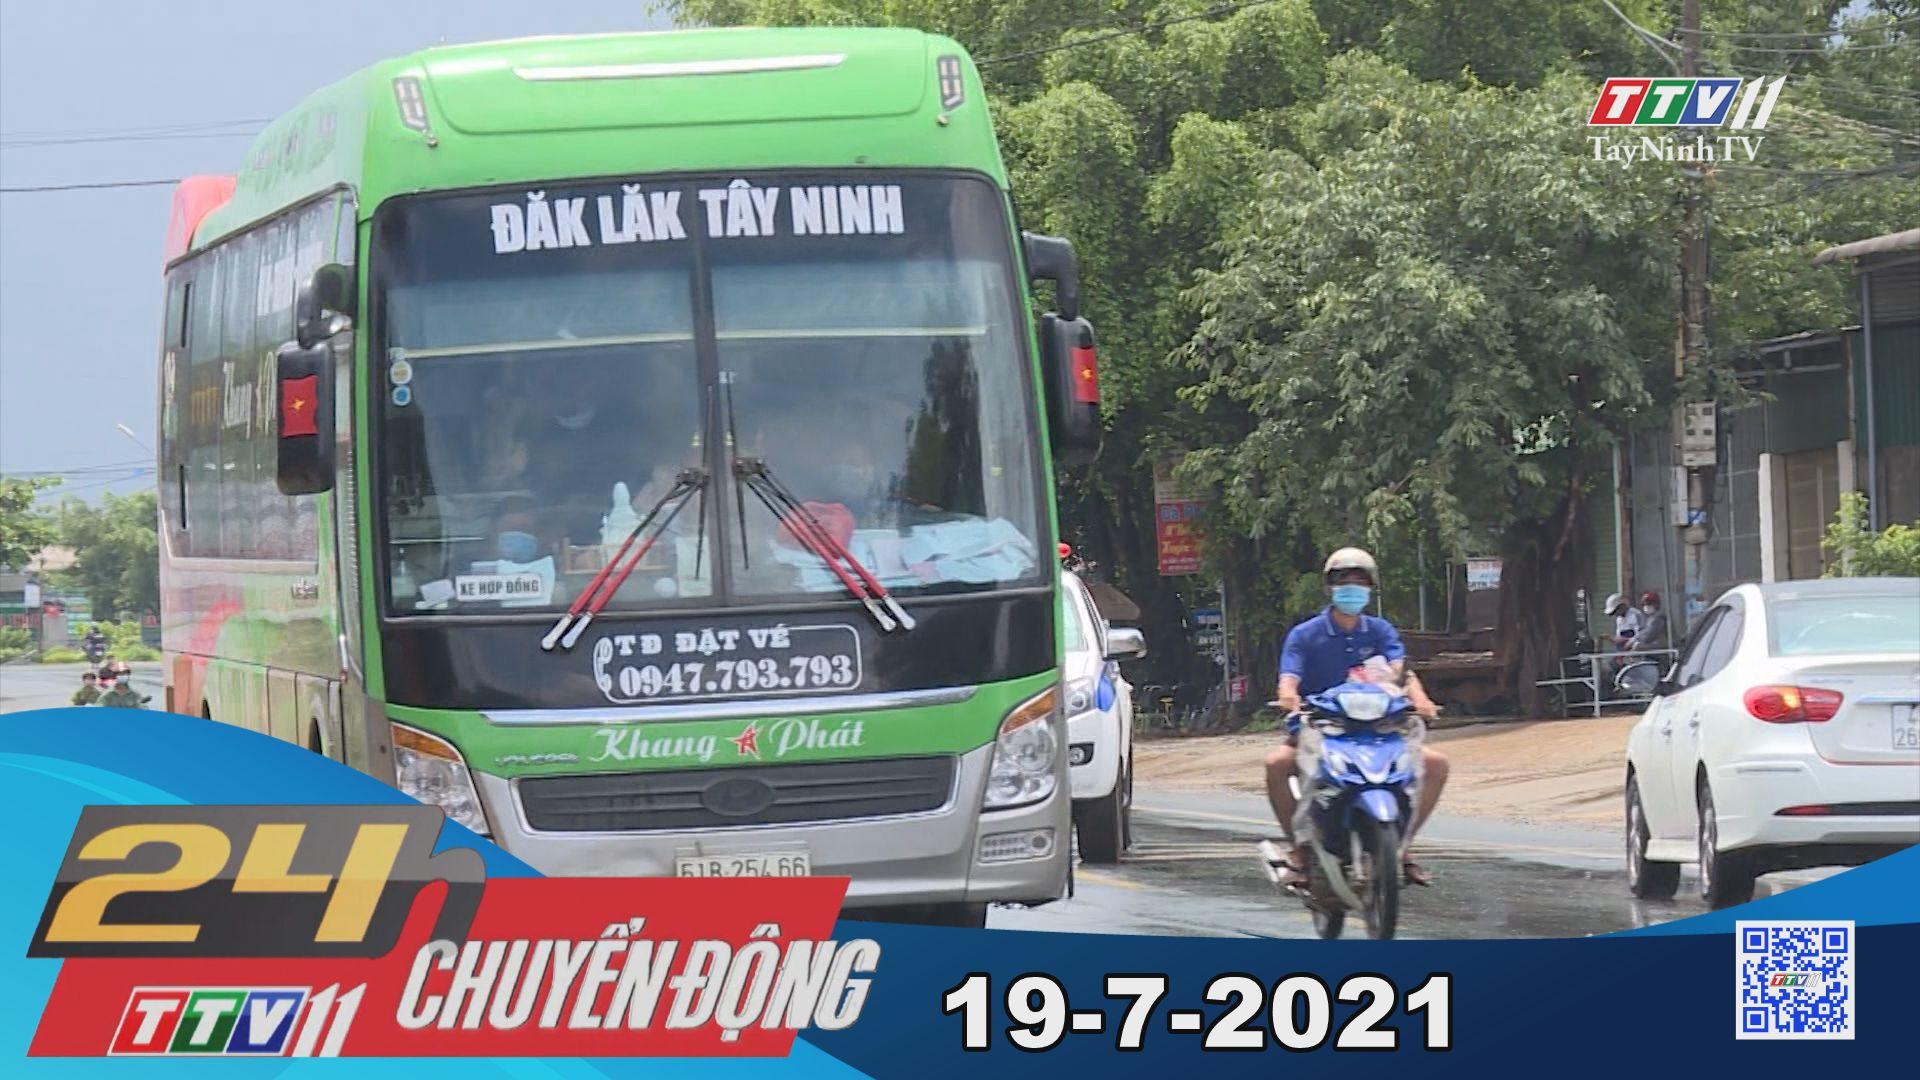 24h Chuyển động 19-7-2021 | Tin tức hôm nay | TayNinhTV